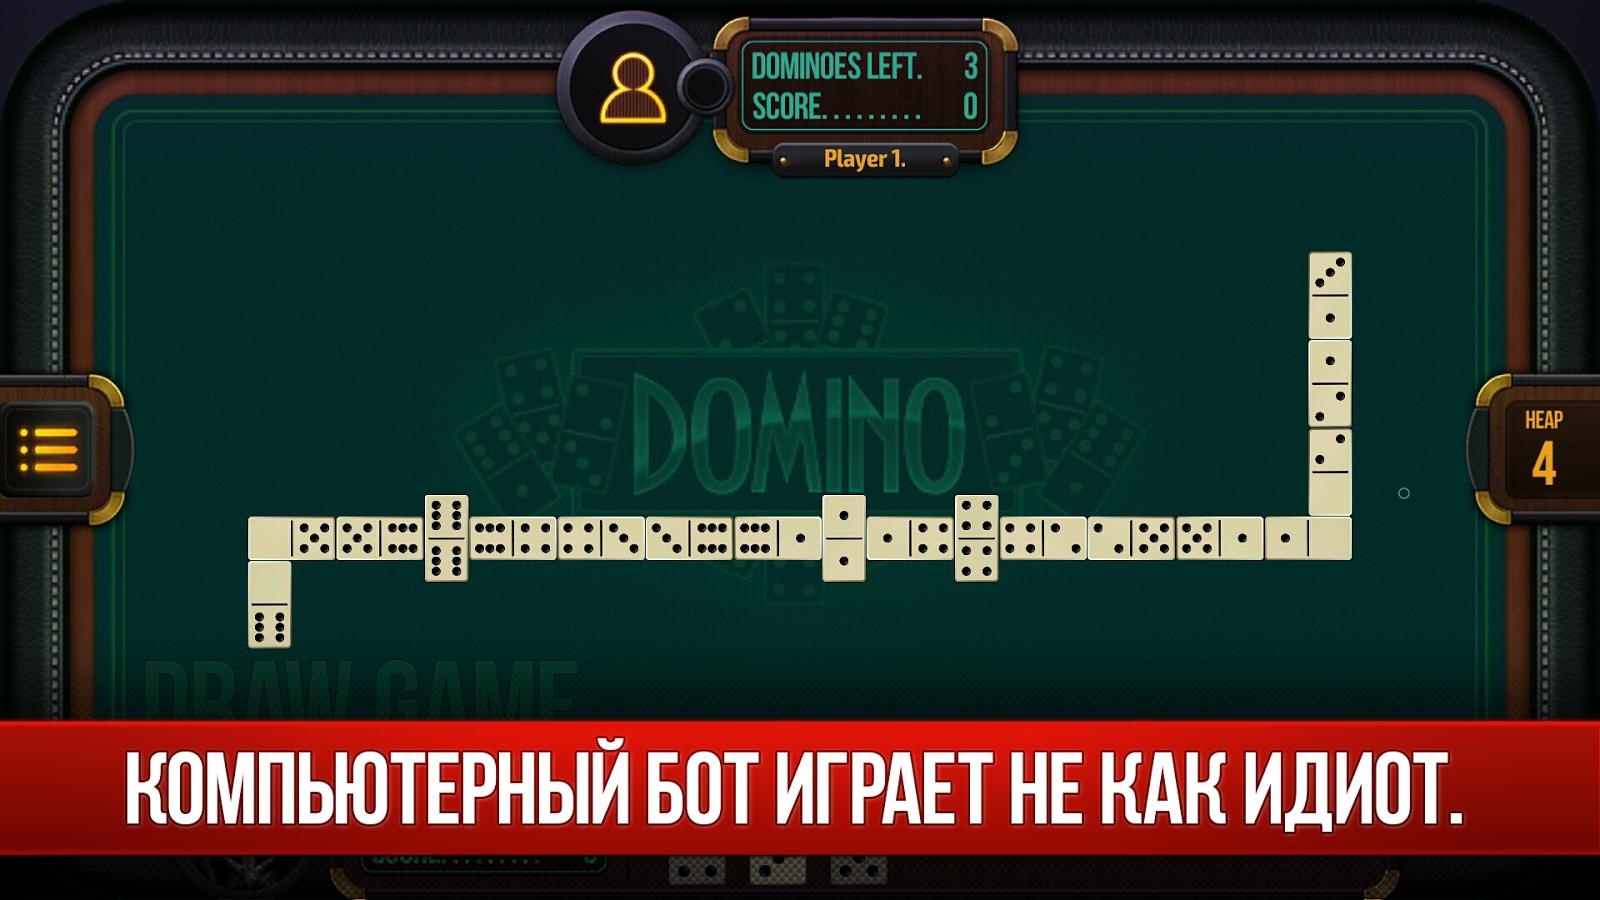 Скачать бесплатно онлайн игру домино форумная ролевая игра по вархаммеру